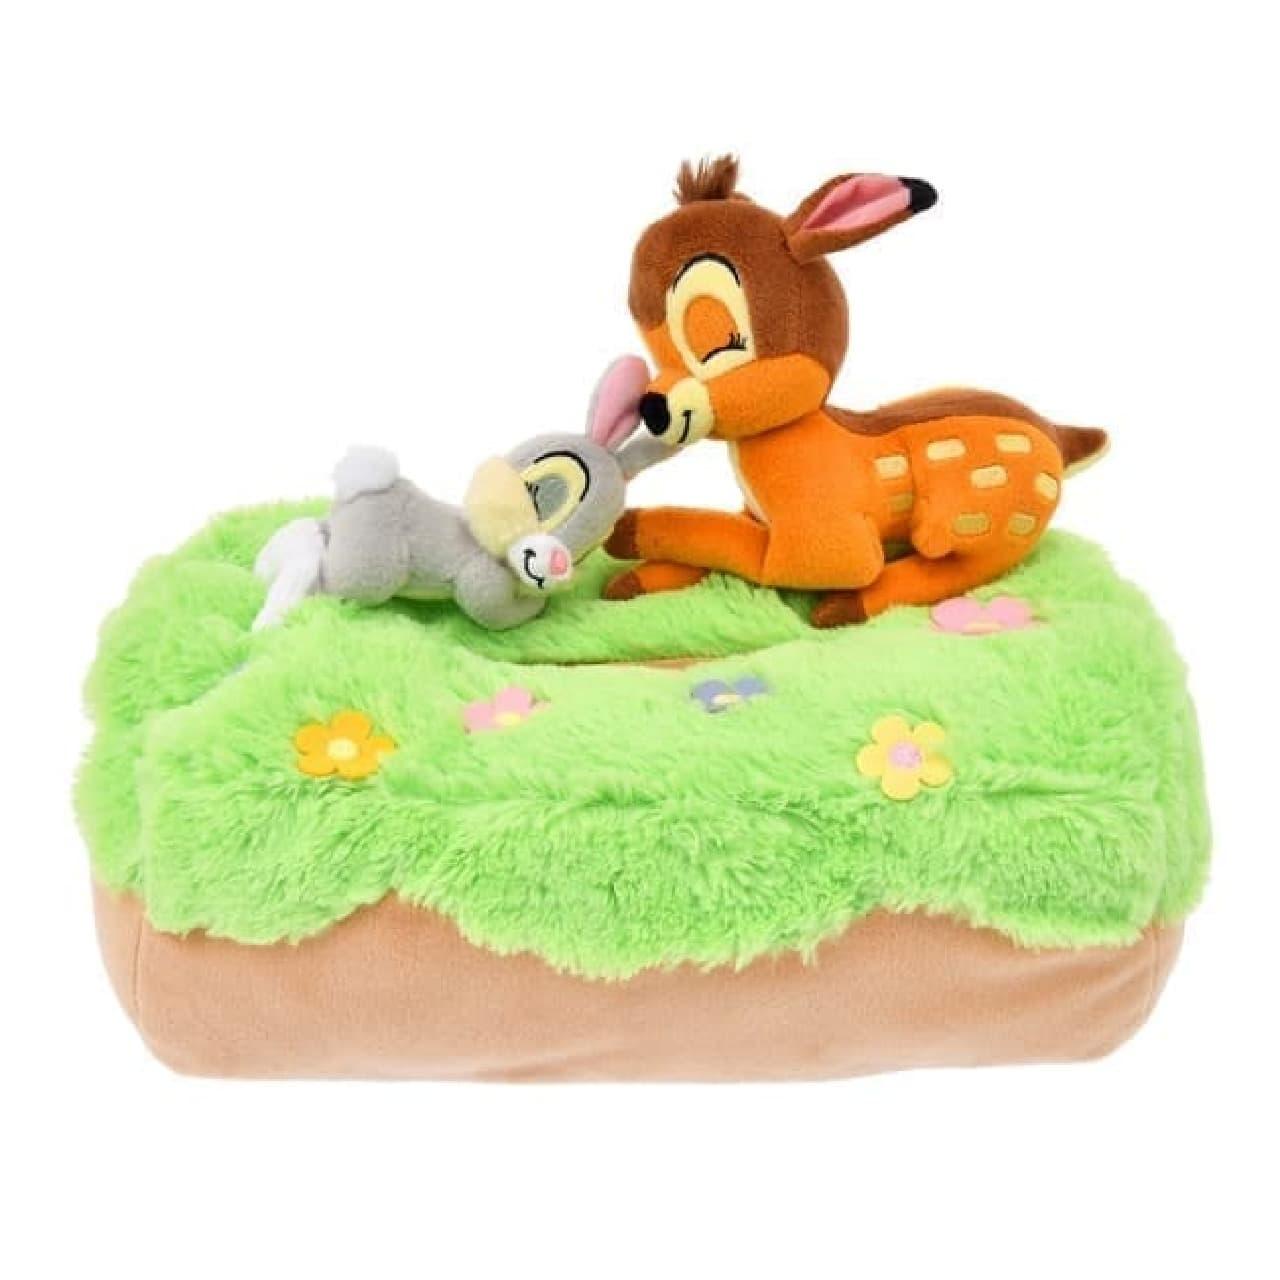 ディズニーストアにバンビの抱き枕やアリスのルームウェア--心地よい眠りに誘うリラックスアイテム【睡眠の日】